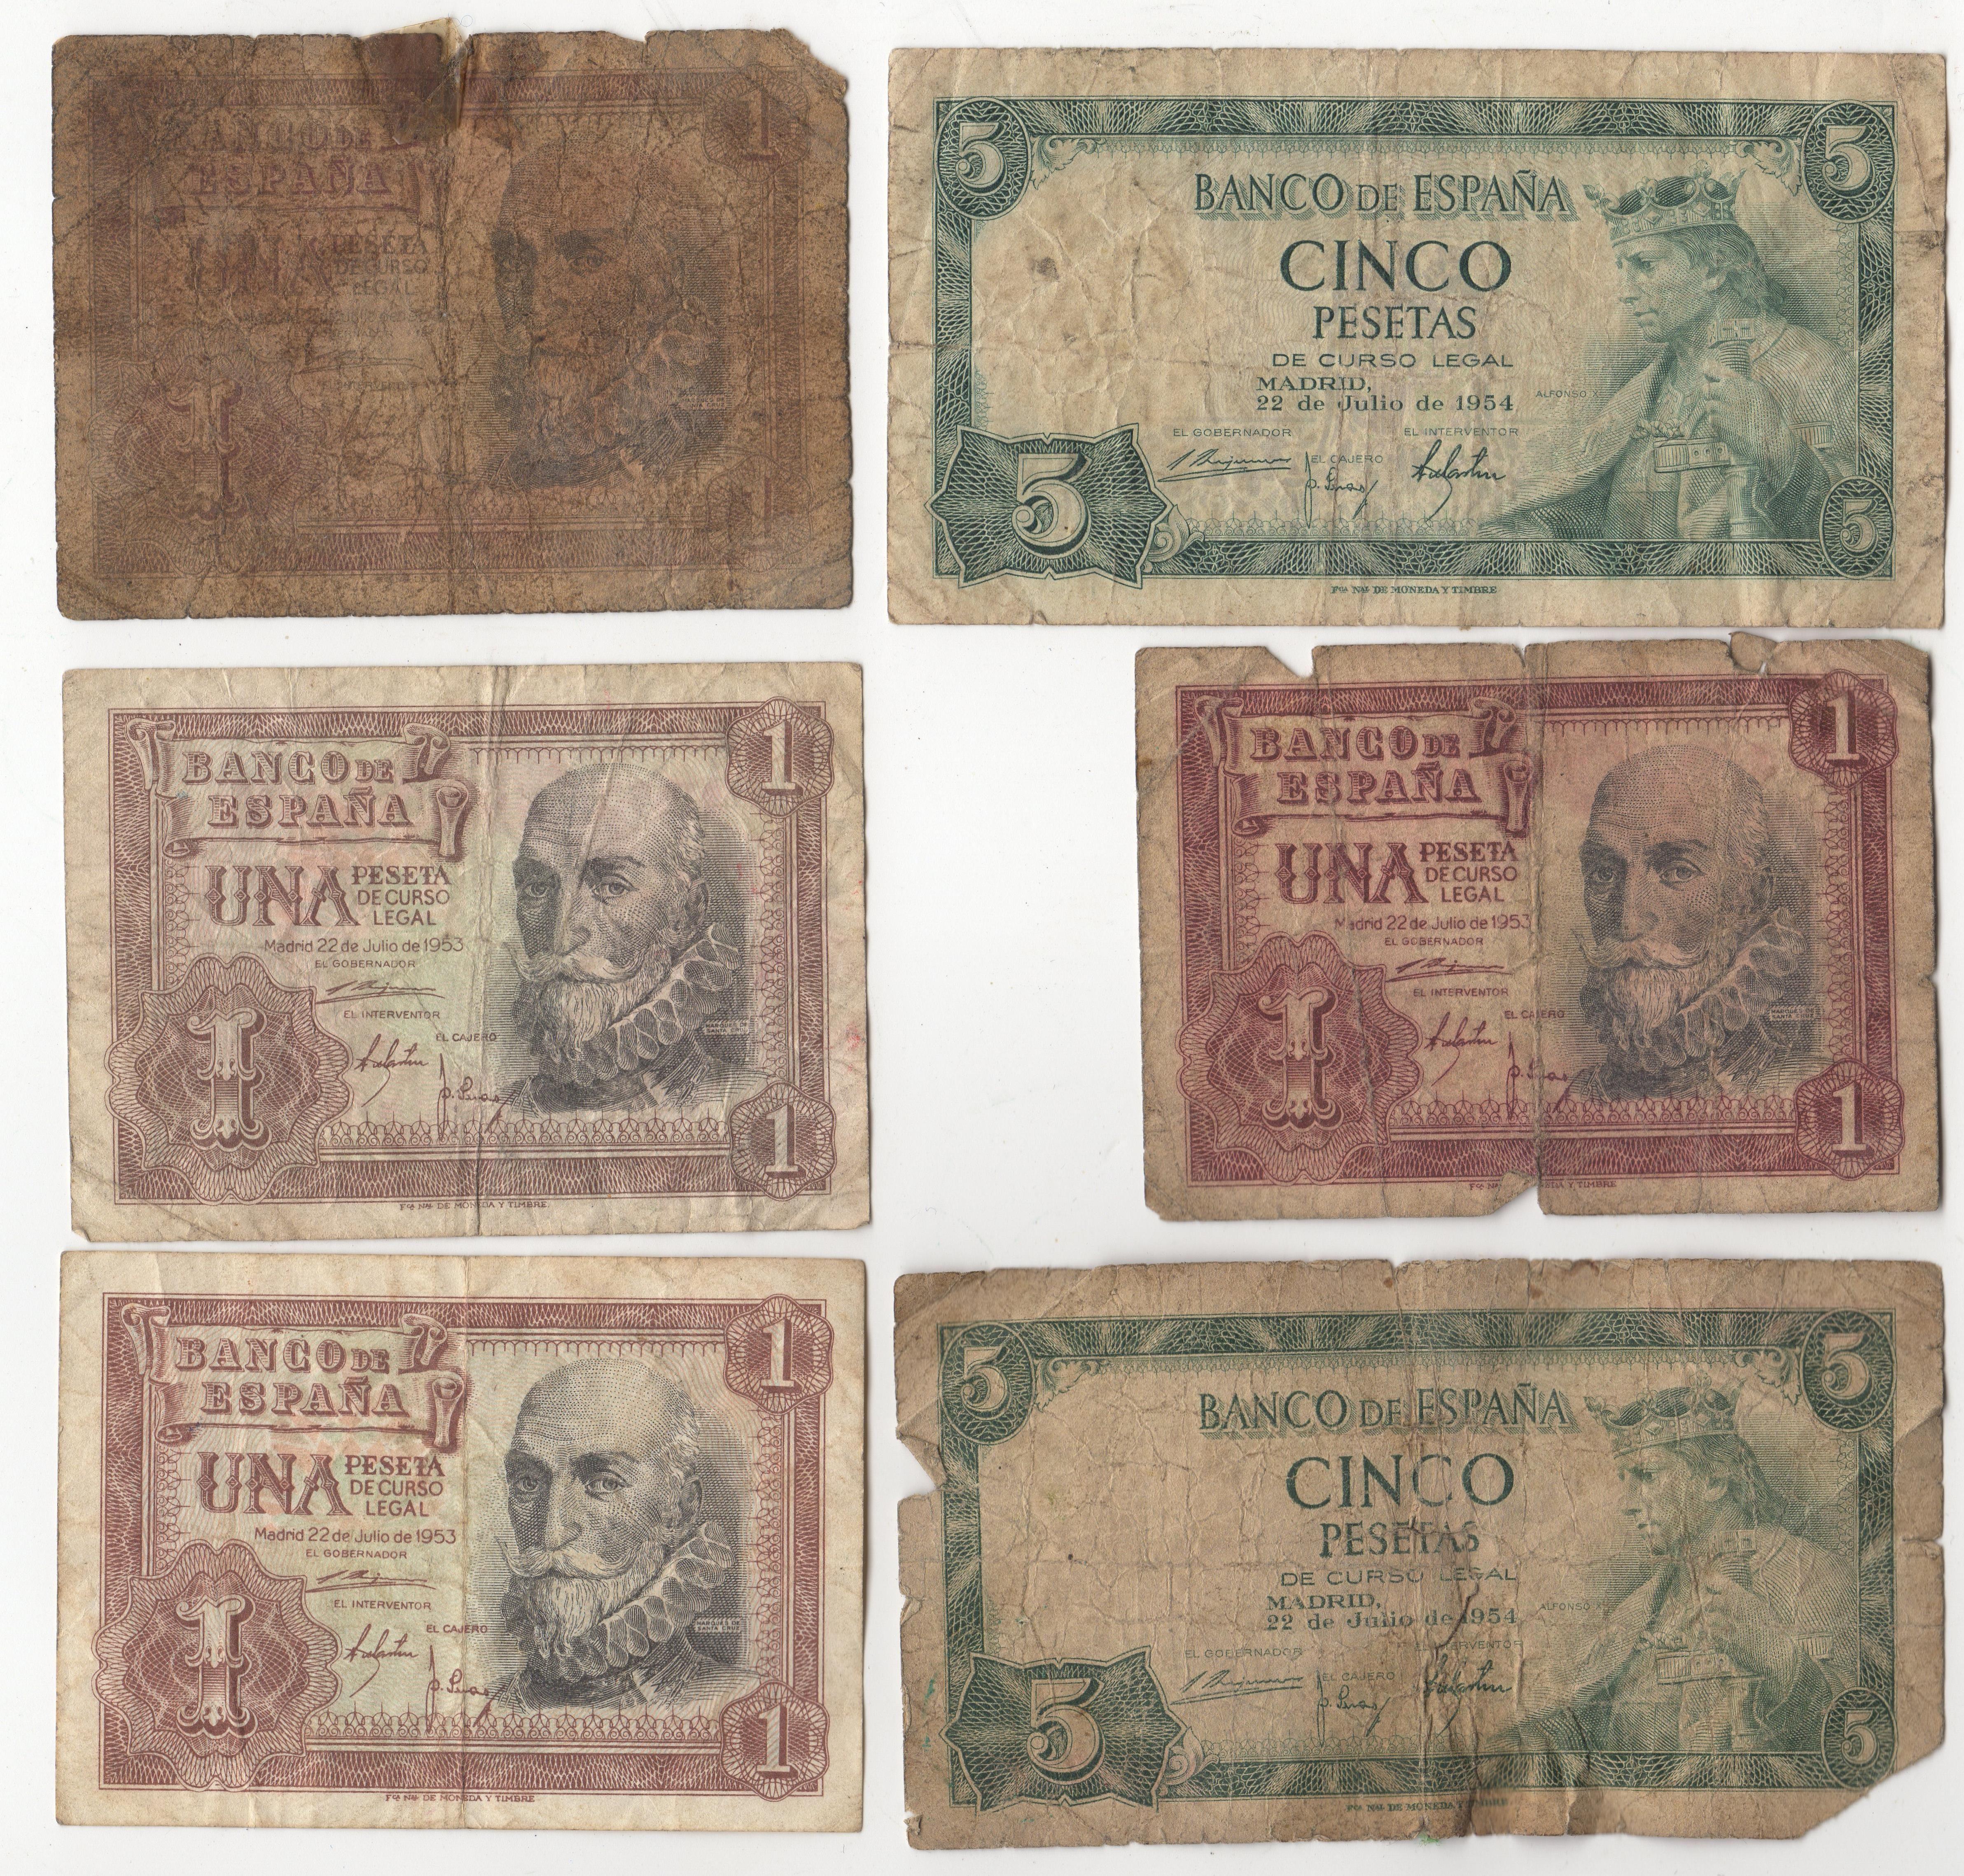 Mix Of Spain 1 & 5 Peseta Bank Notes | Pennies2Pounds